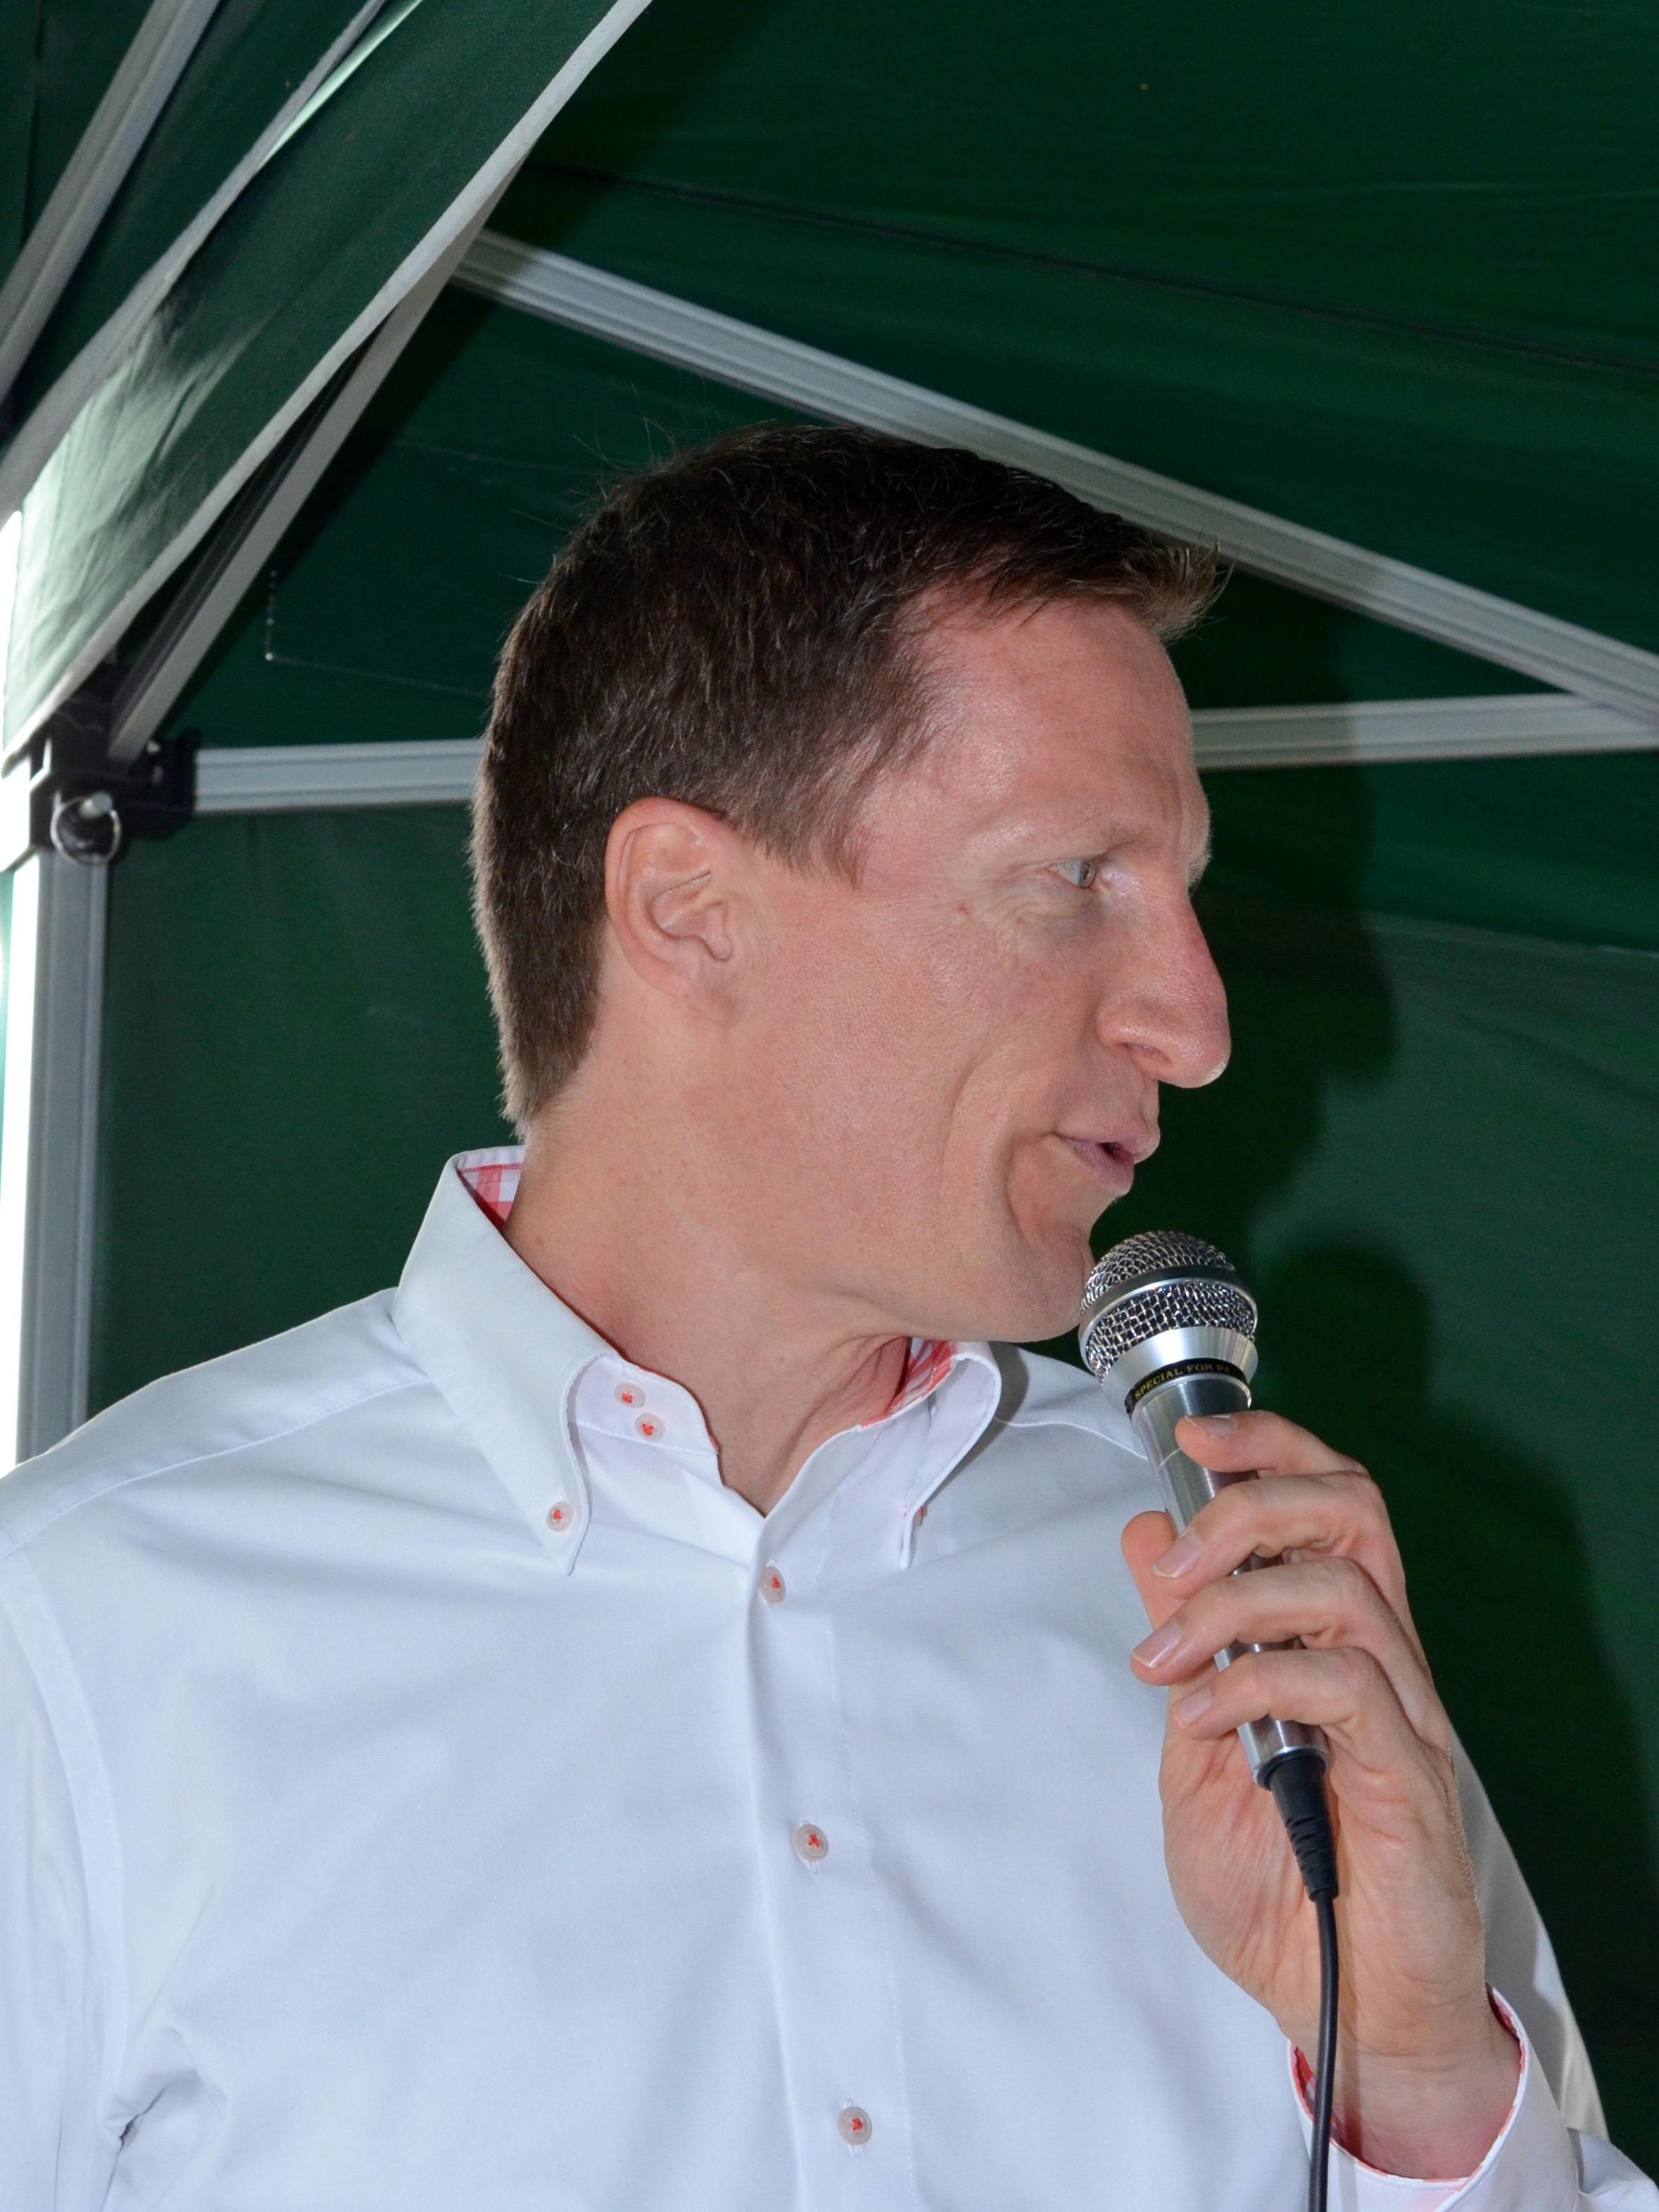 Grußworte von Jobst Giehler (1. Vorsitzender des Förderverein zur Nachhaltigkeit der Landesgartenschau Bamberg 2012 e. V.) zur Eröffnung der Bienen-InfoWabe am 20.09.2015